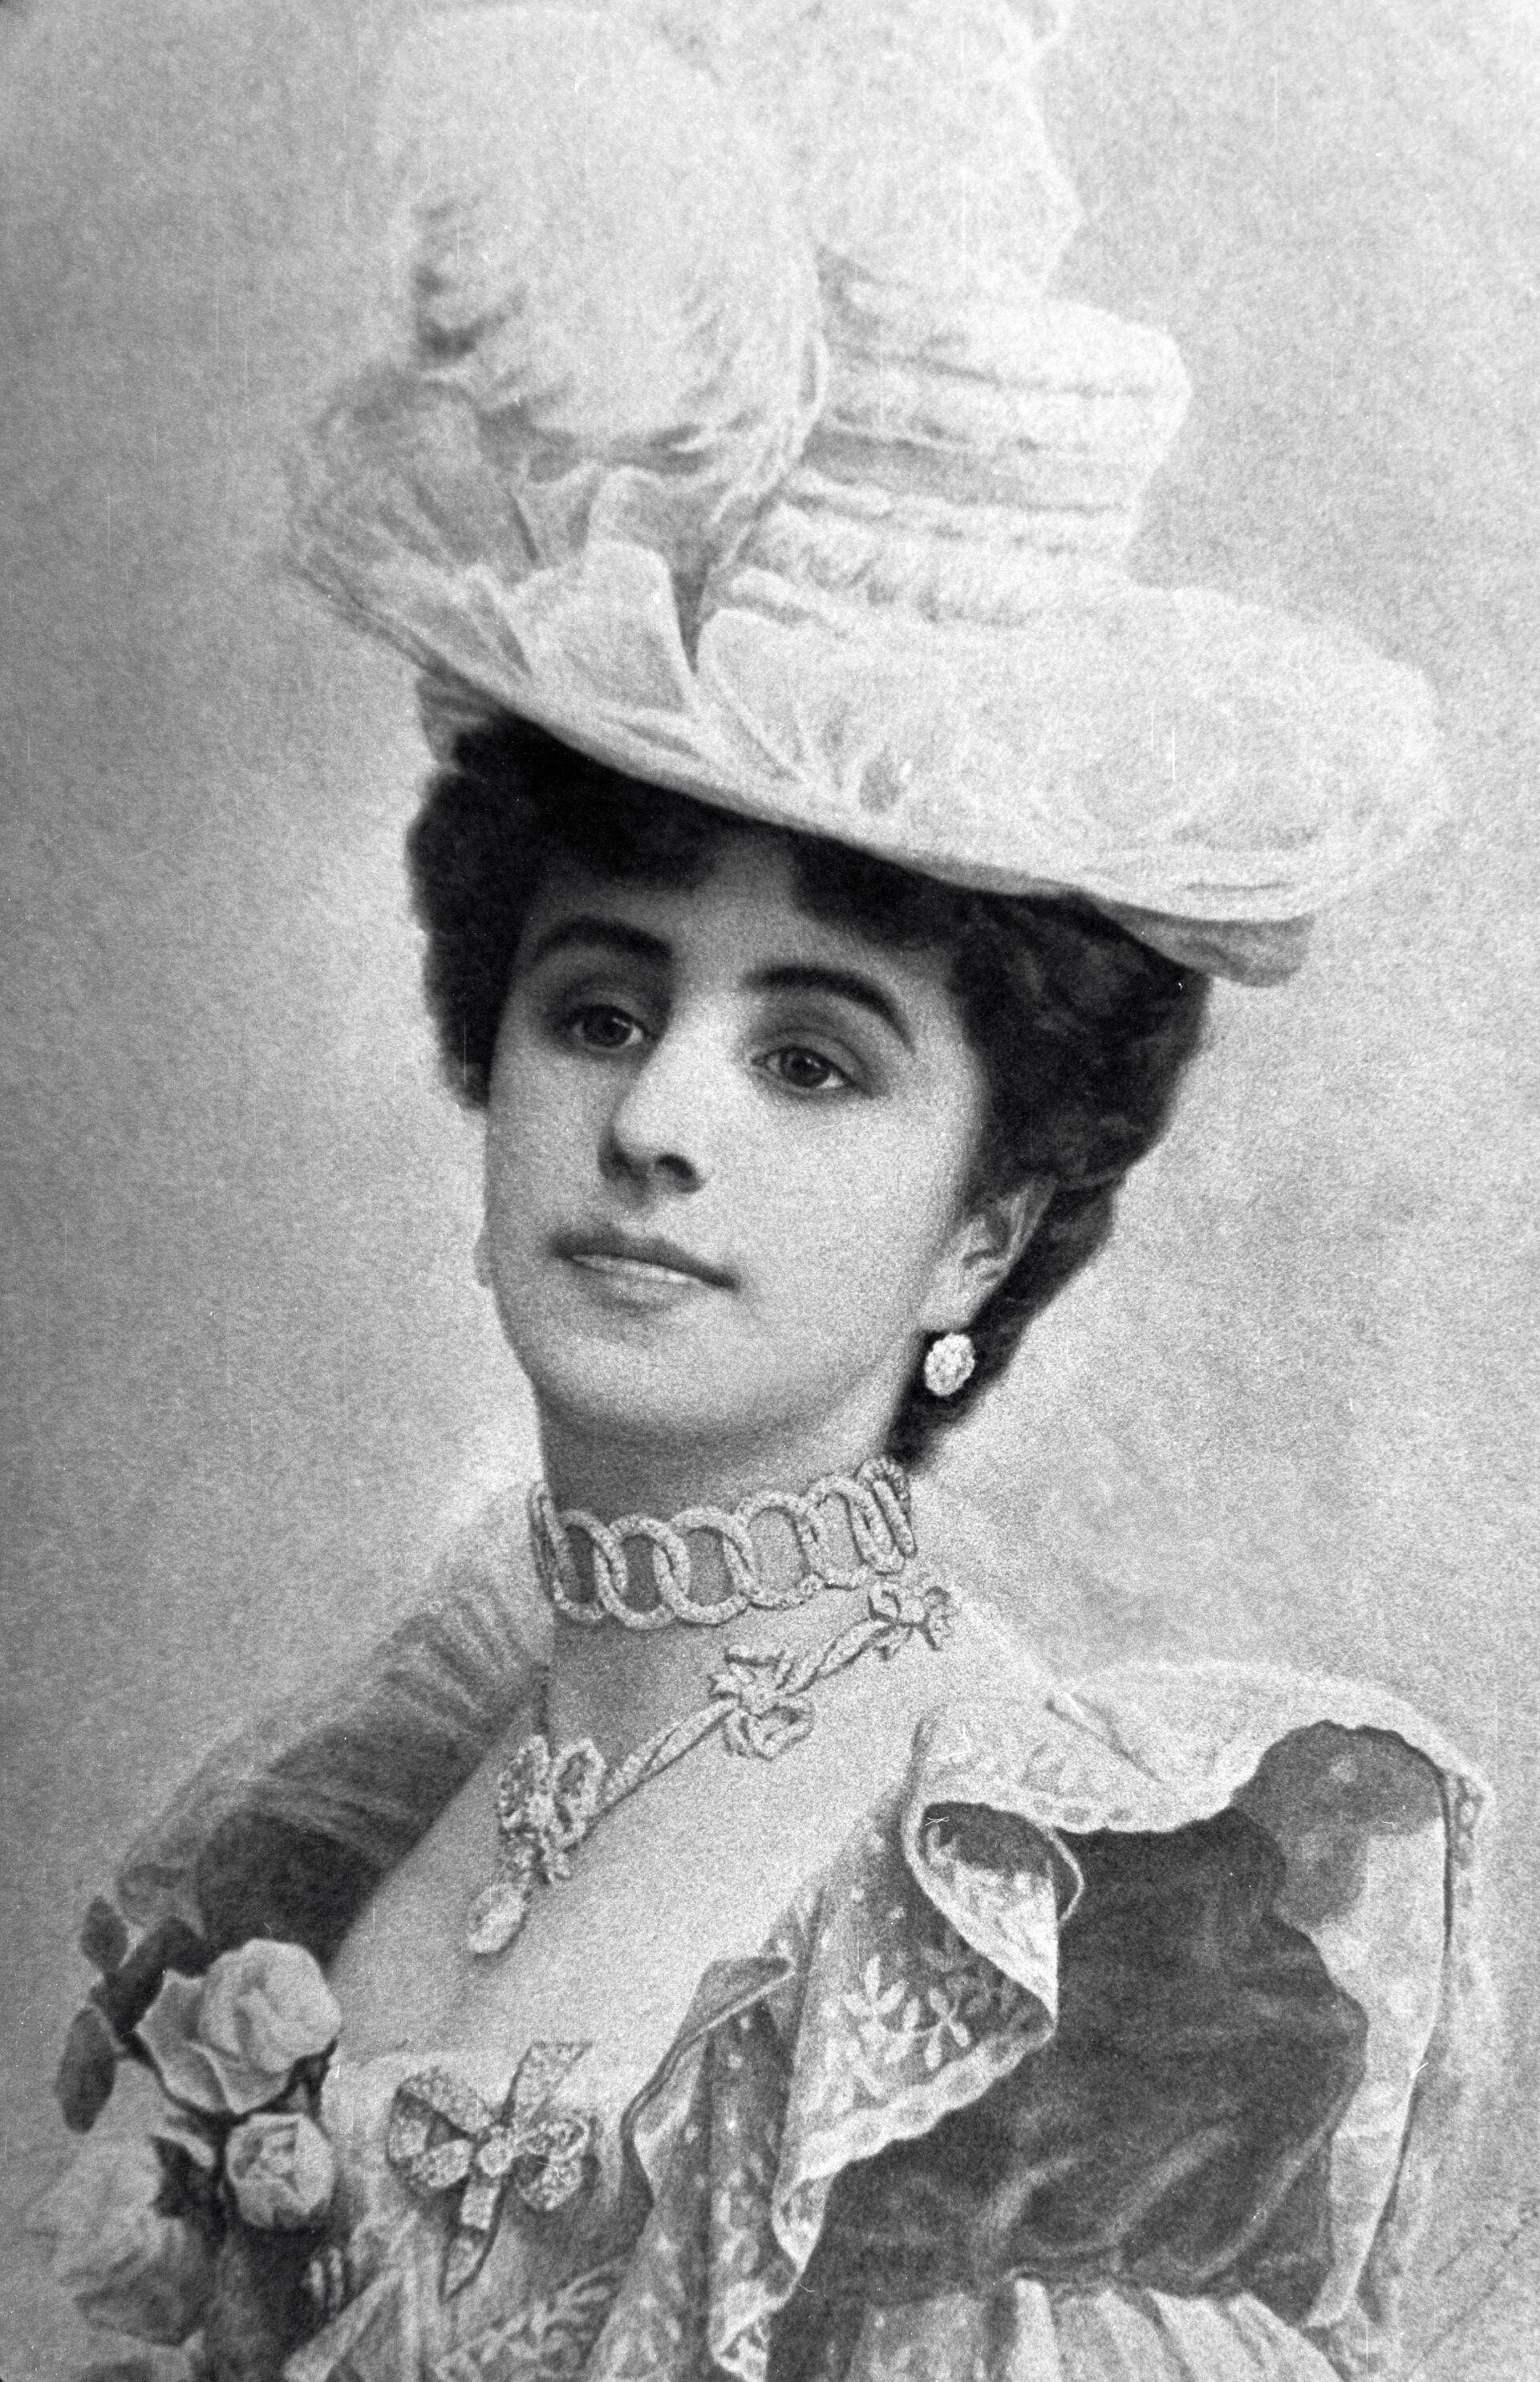 Балерина Матильда Кшесинская. 1900 год - РИА Новости, 1920, 30.03.2021